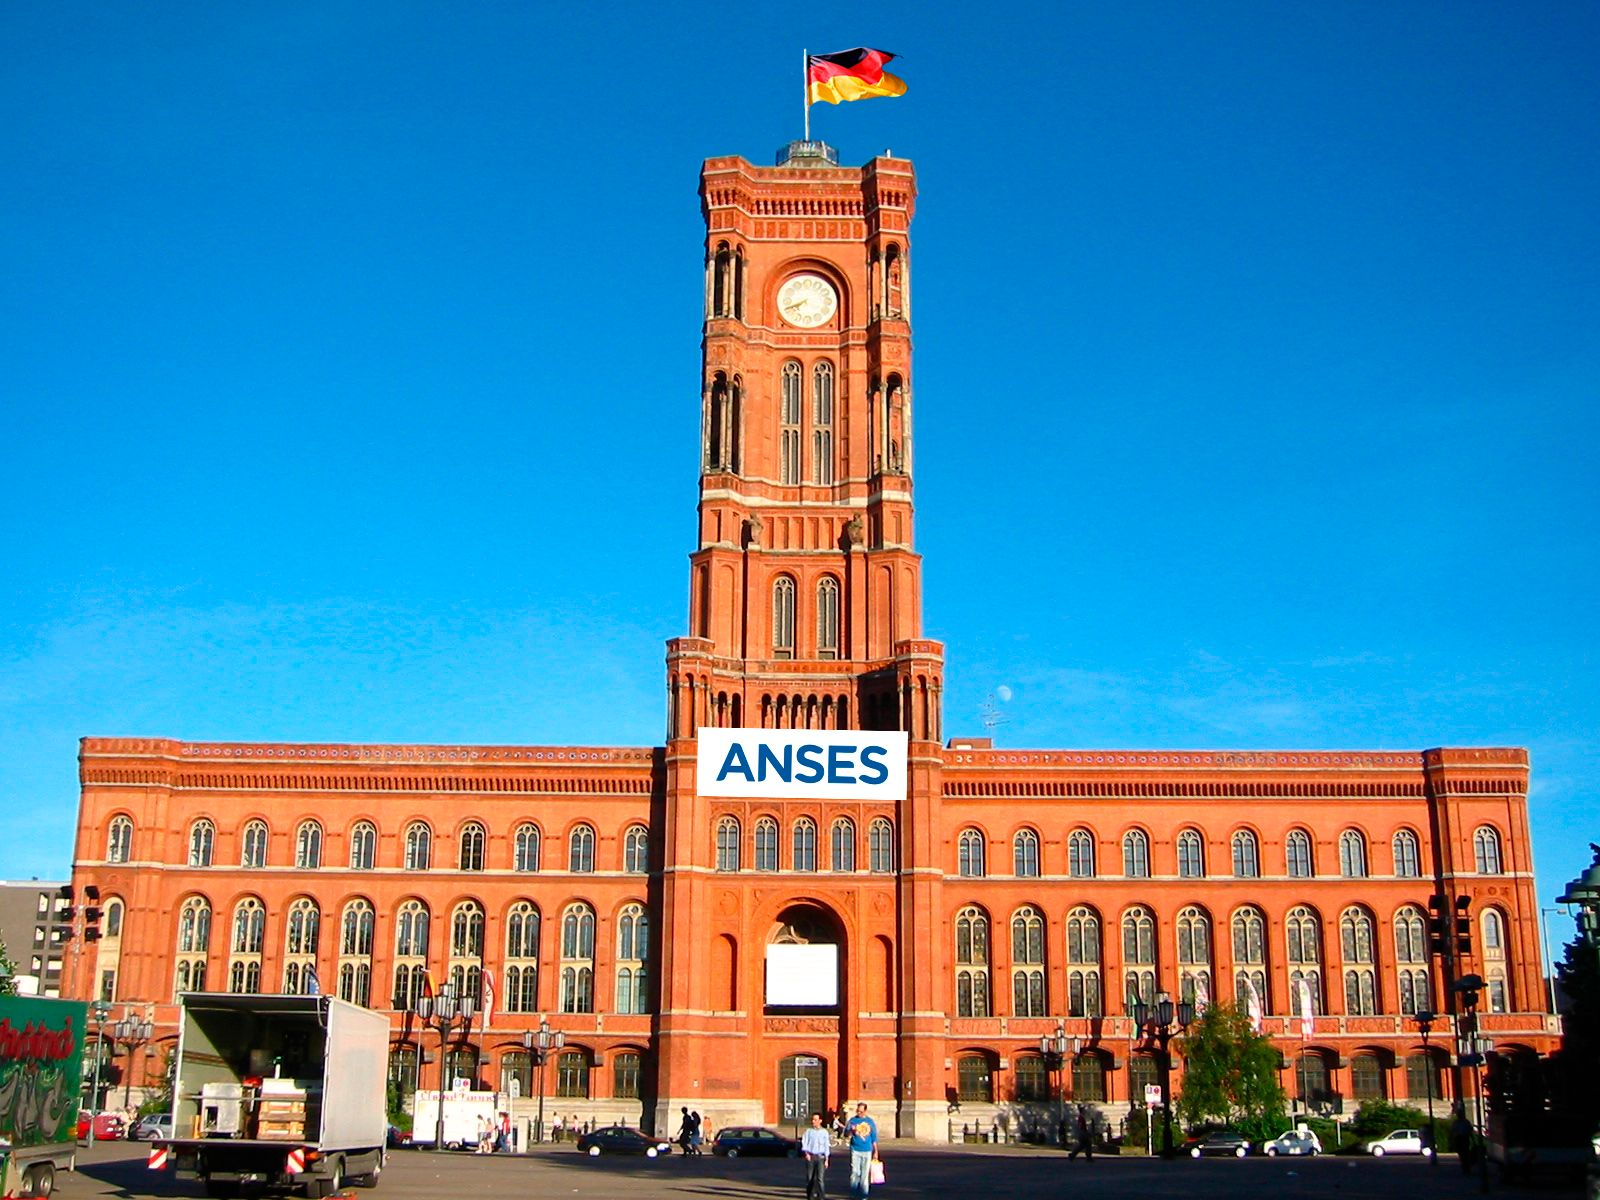 Planes sociales en el mundo: ¿Cómo son los beneficiados en Argentina y Alemania?